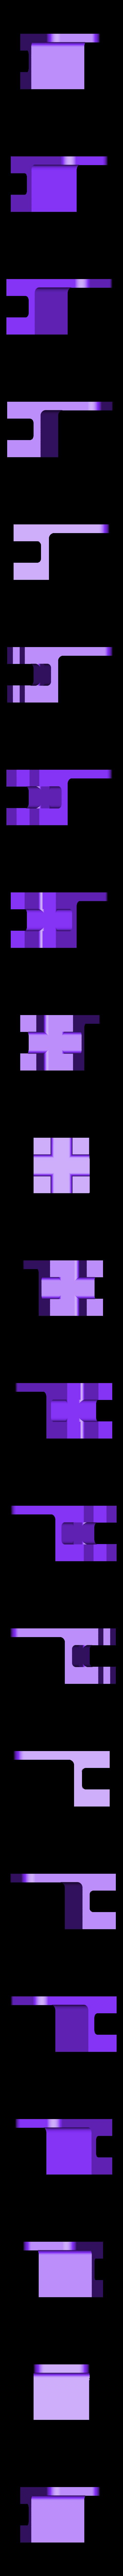 Assembly_House_2_-_Chair_2.stl Télécharger fichier STL gratuit Petit maison en jouet • Design à imprimer en 3D, crprinting